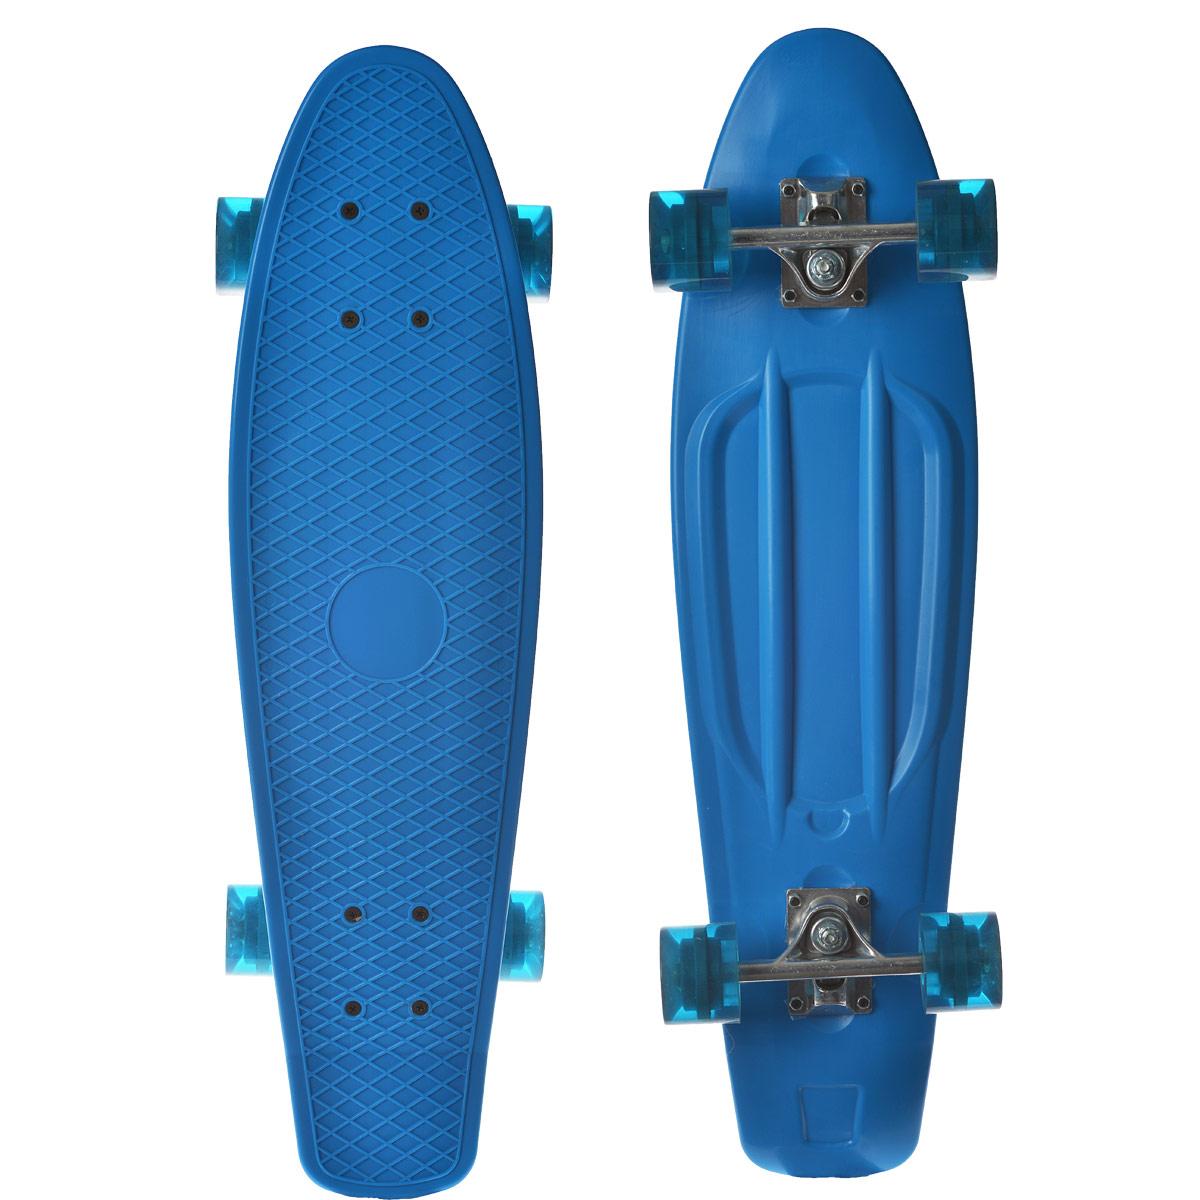 Скейтборд пластиковый Action, цвет: голубой, дека 71 см х 19 смPW-515Пенни борд Action - всеми любимый скейт с усиленной защитой. Эта простая модель без вычурных рисунков позволяет сосредоточиться исключительно на занятии спортом. Скейтборд купить можно подростку любого возраста или даже ребенку. Материал, из которого изготовлено изделие - усиленный пластик. Визуально верхняя часть изделия напоминает стопу. Антискользящая поверхность позволяет совершать любые трюки. Полиуретановые колеса помогут быстро набрать разгон и эффектно тормозить.